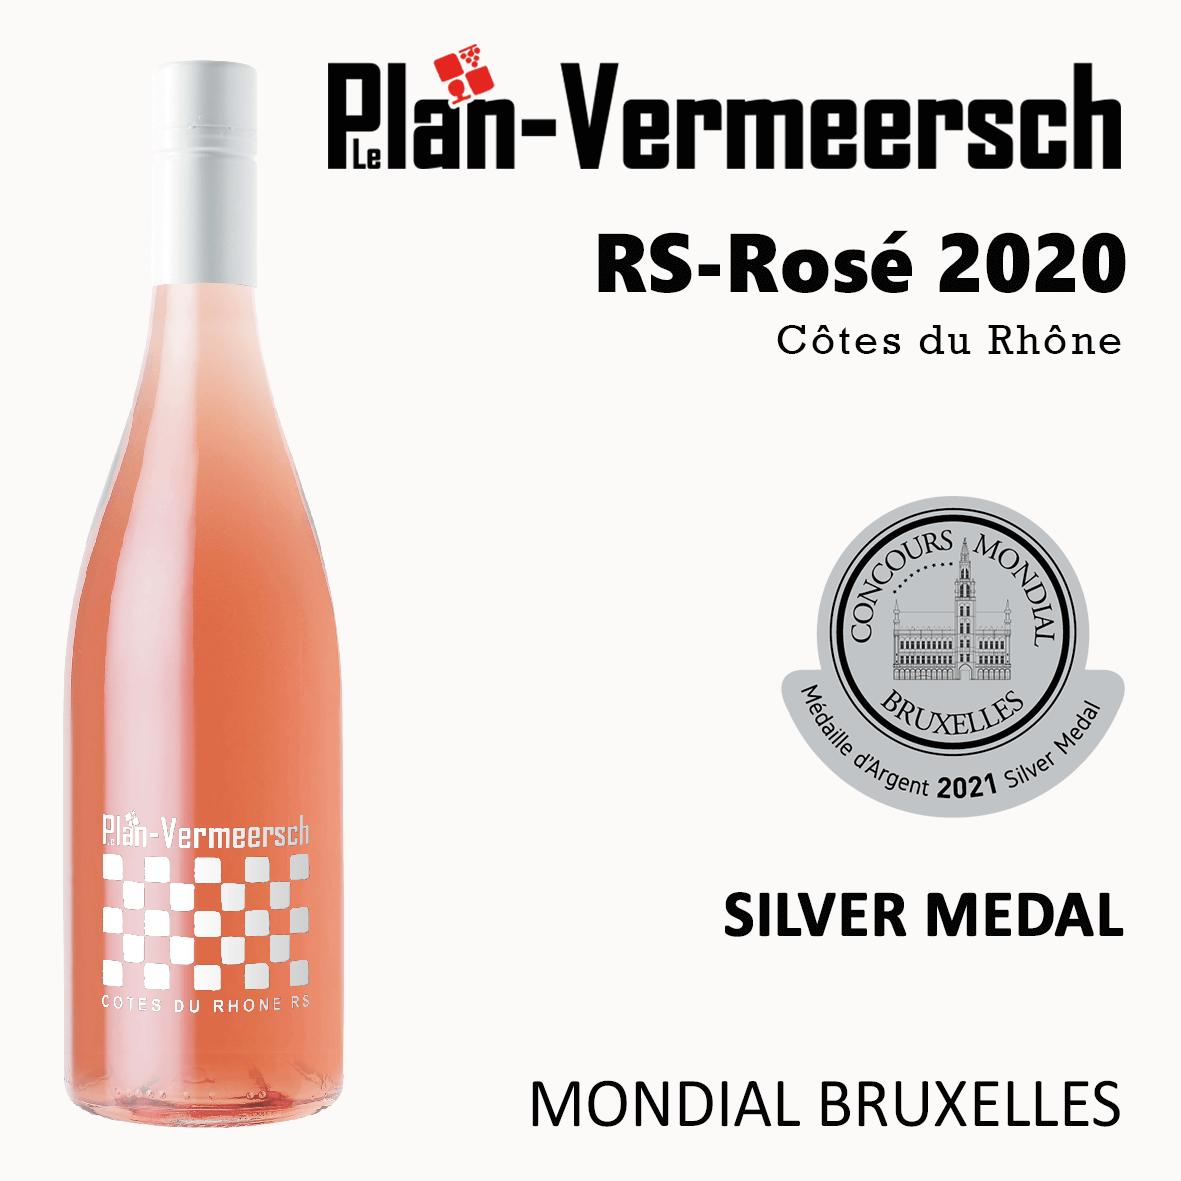 Bottle wine Cotes du Rhone RS-Rhone Rose Mondial Bruxelles silver medal LePLan-Vermeersch